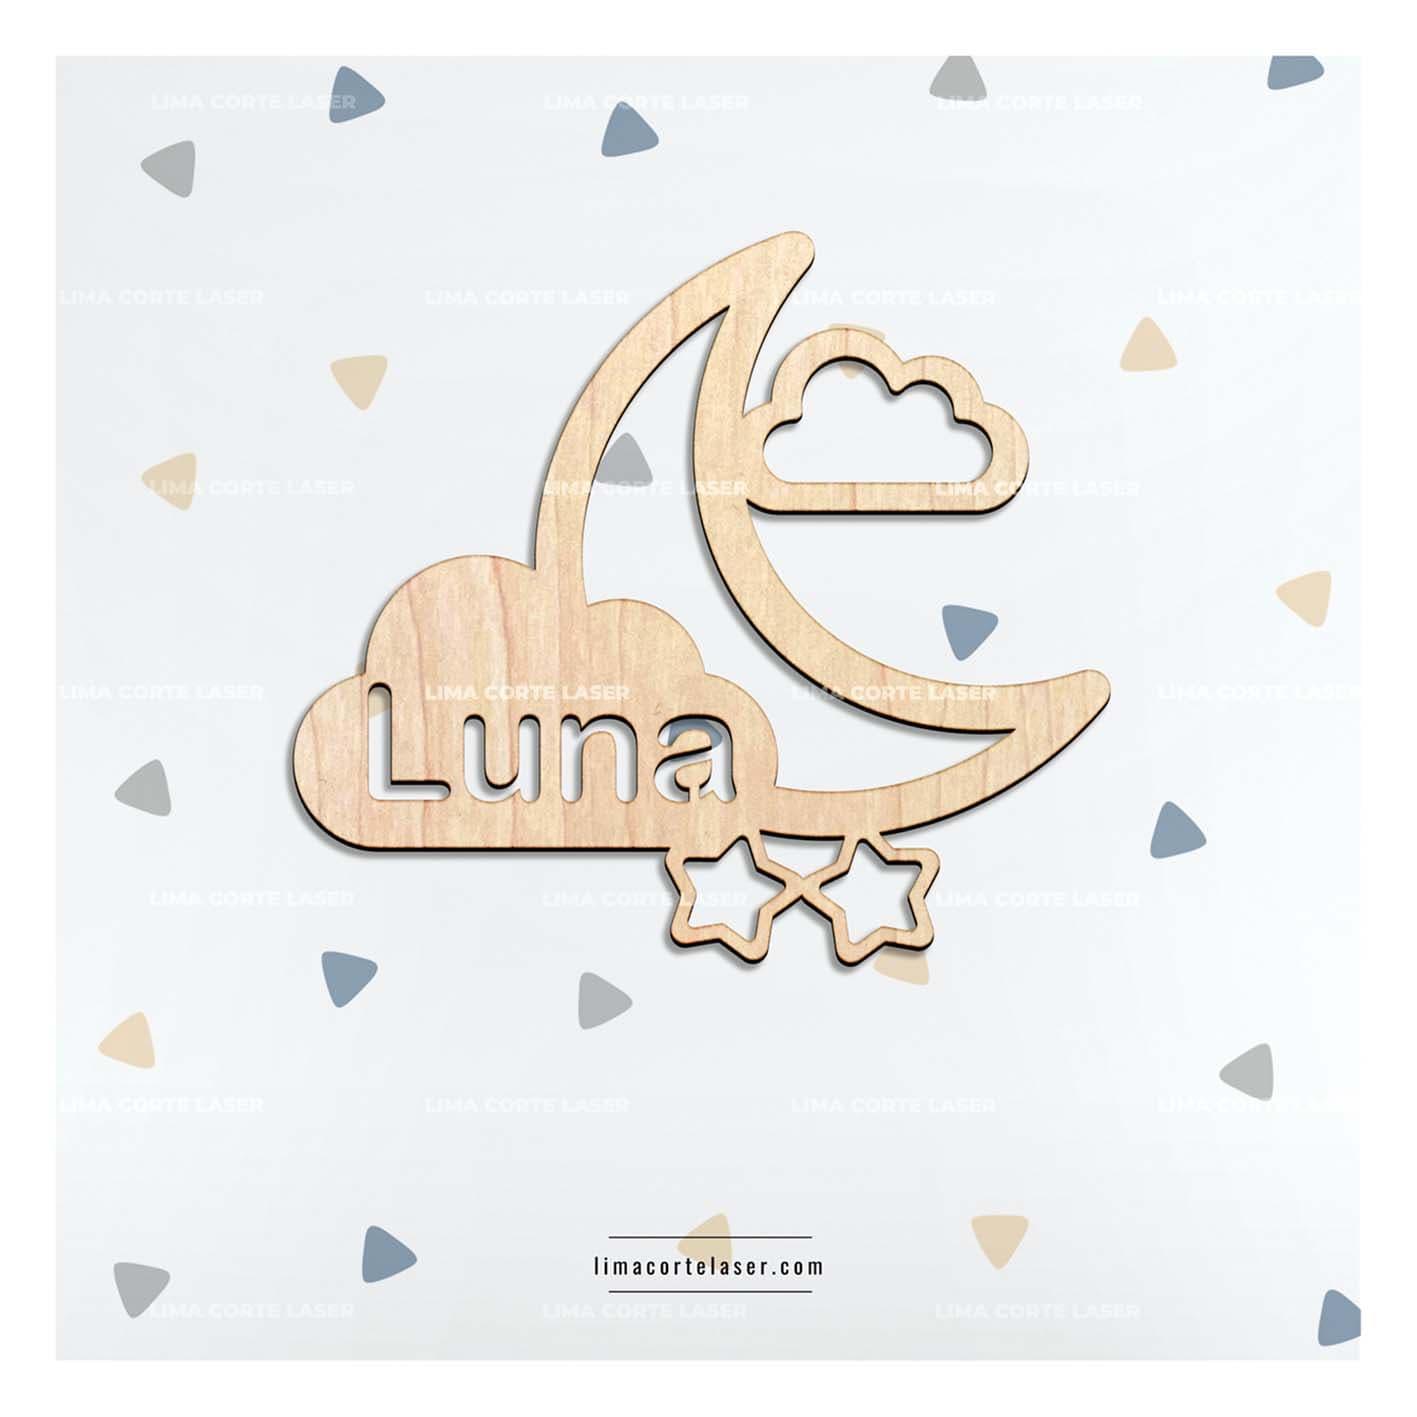 Regalo personalizado para bebe con la figura de una luna estrellas nubes y el nombre Luna